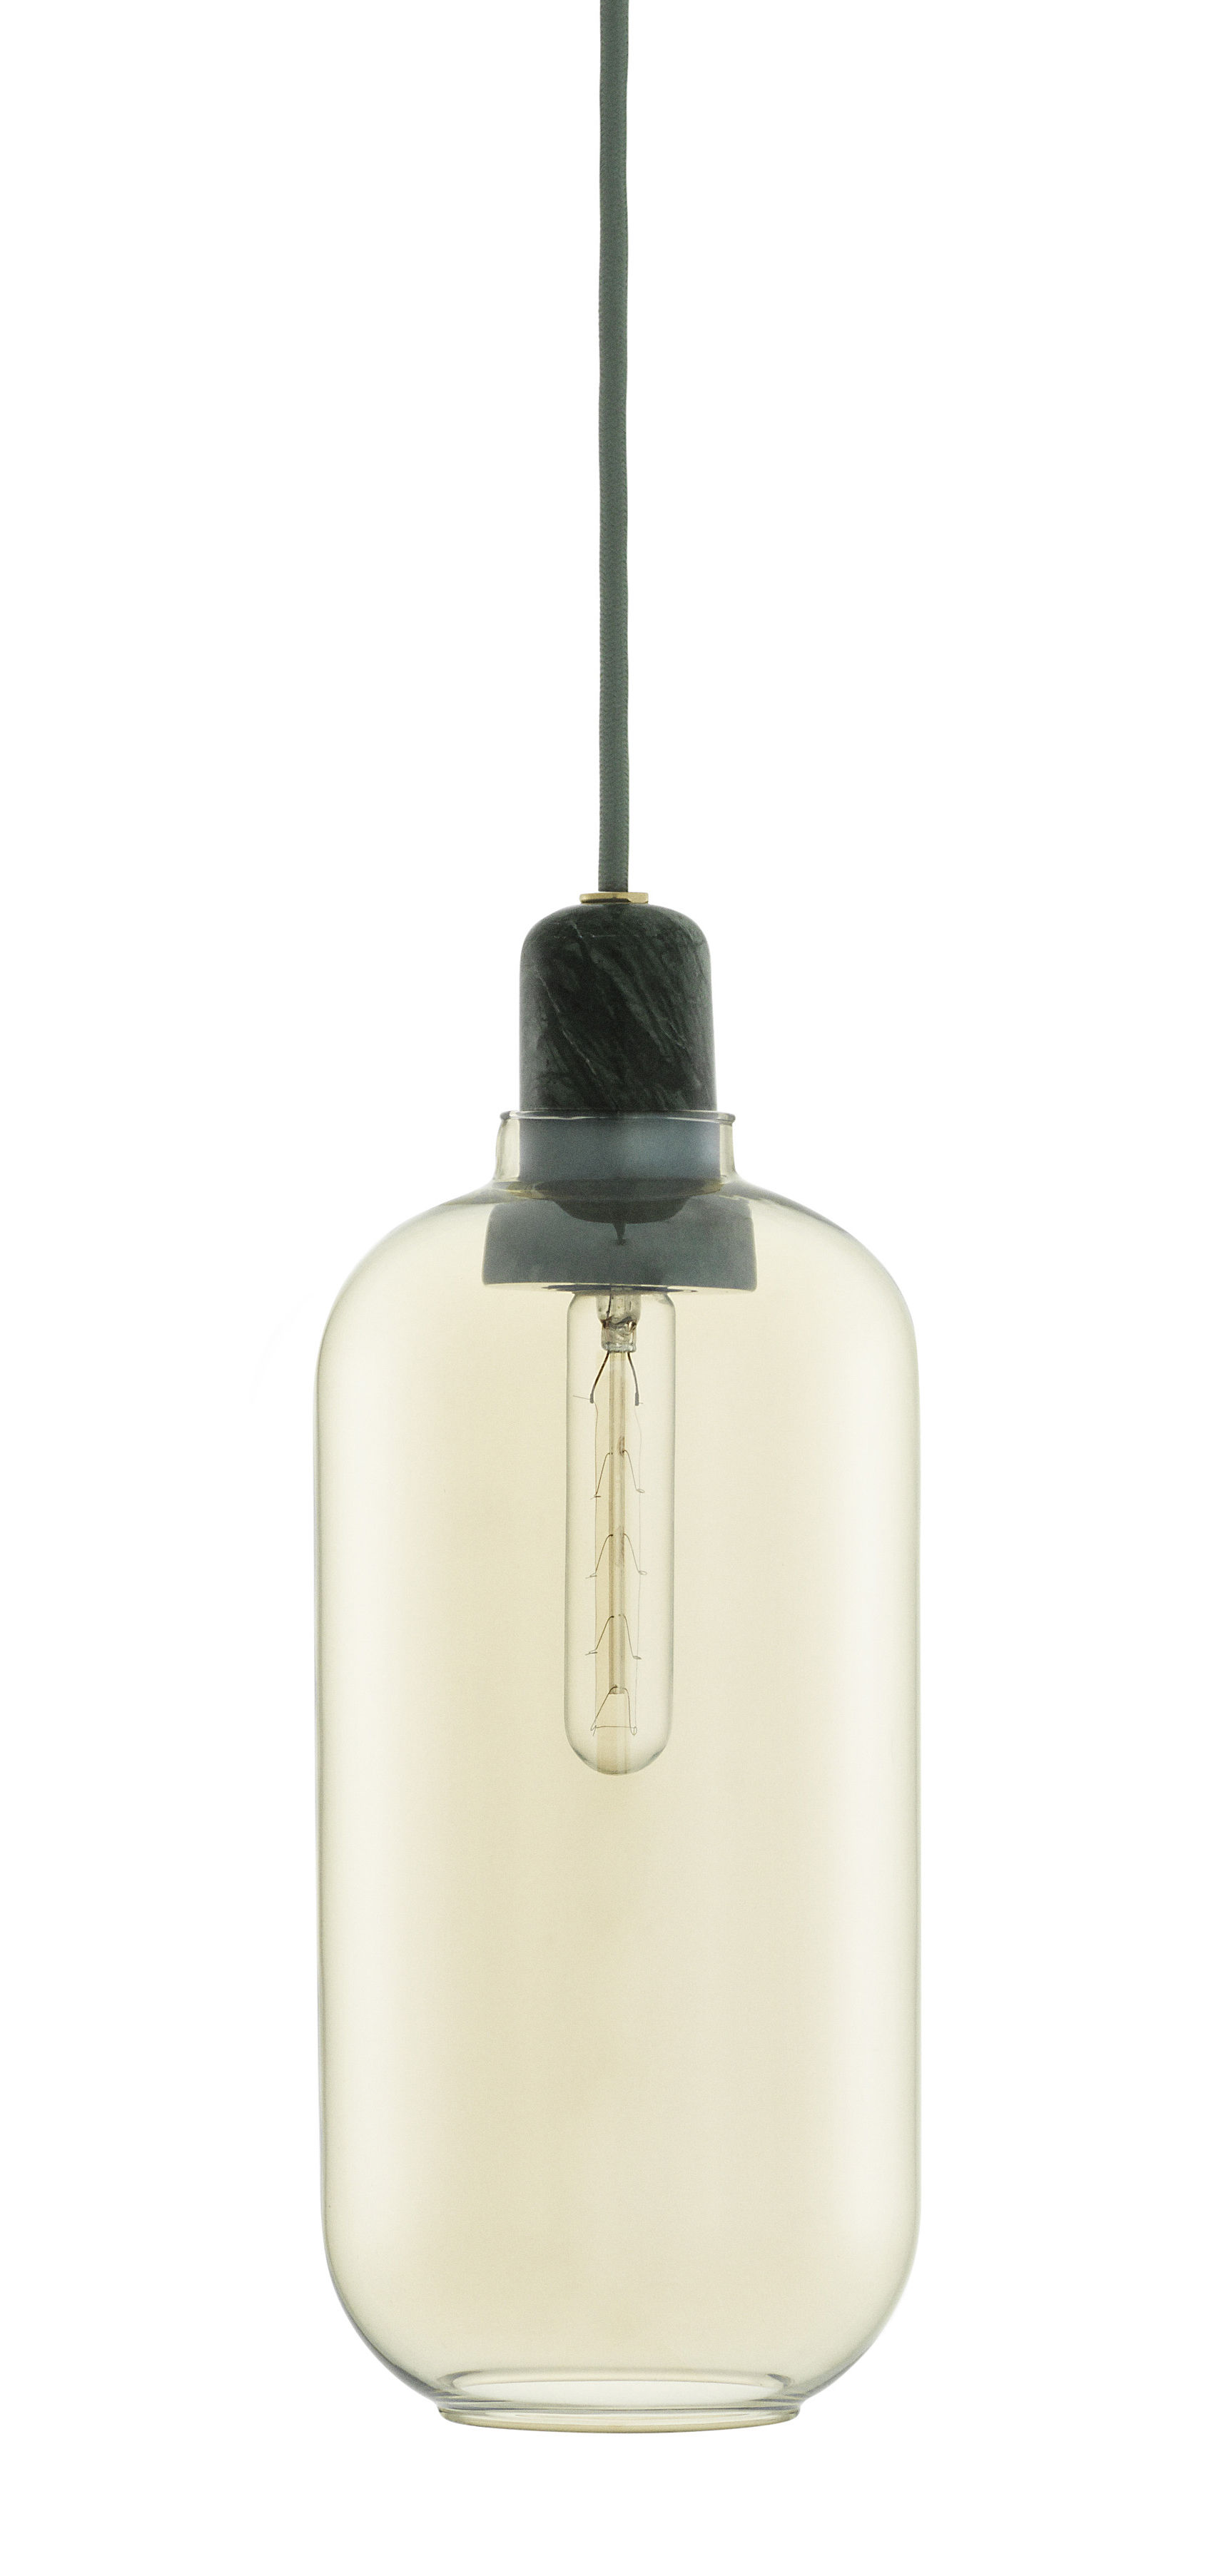 Lighting - Pendant Lighting - Amp Large Pendant - Ø 11 x H 26 cm by Normann Copenhagen - Gold / Dark green marble - Glass, Marble